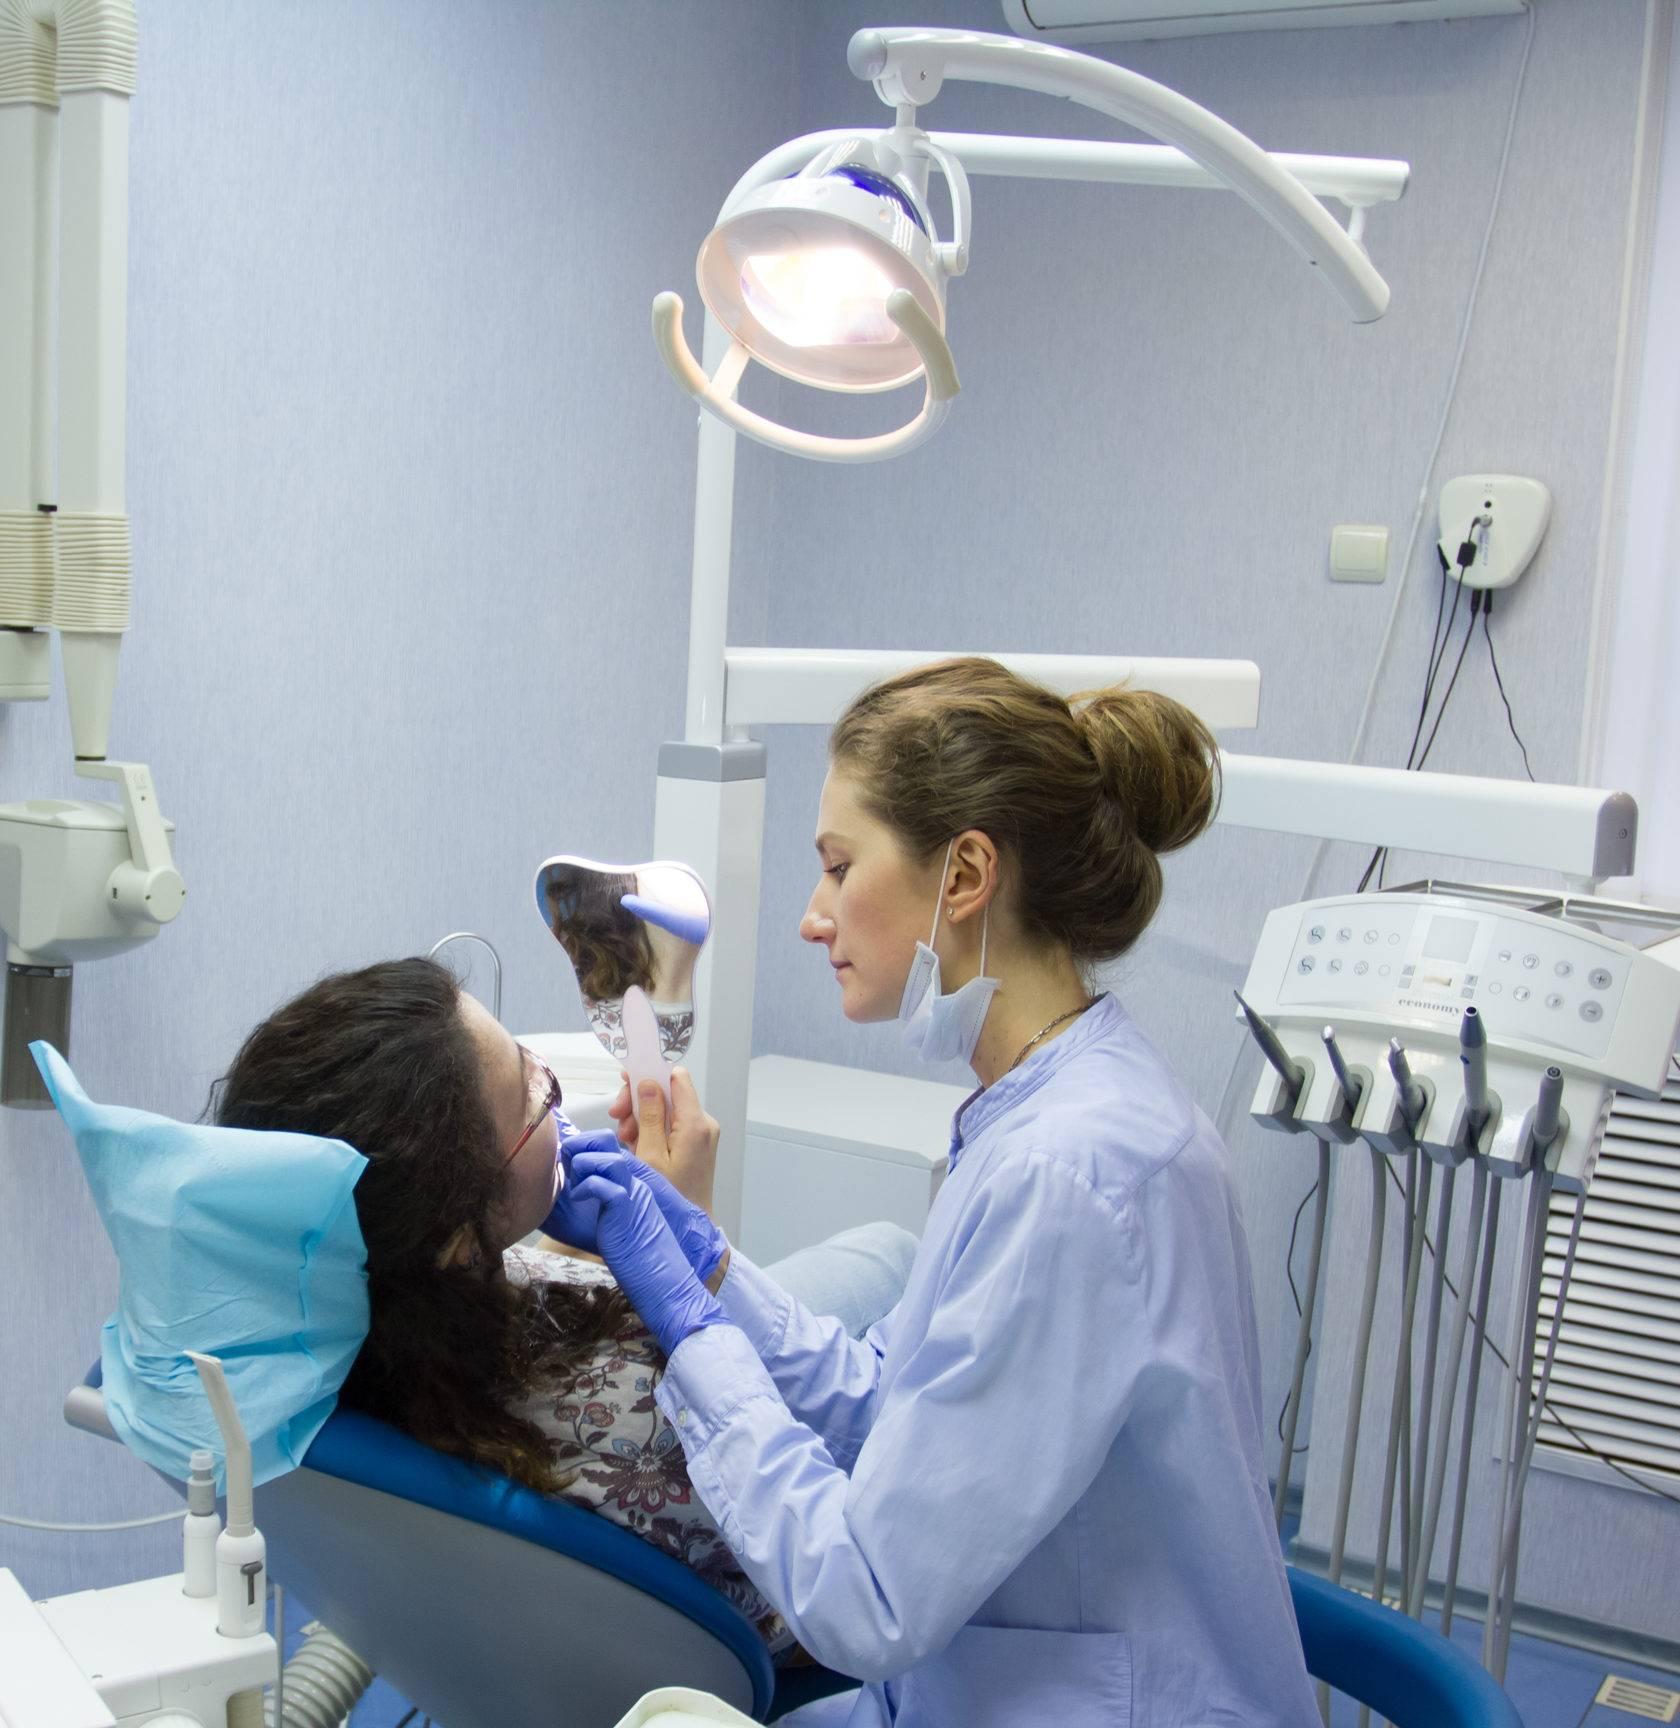 Имплантация зубов в германии: импланты, цены в клиниках, отзывы